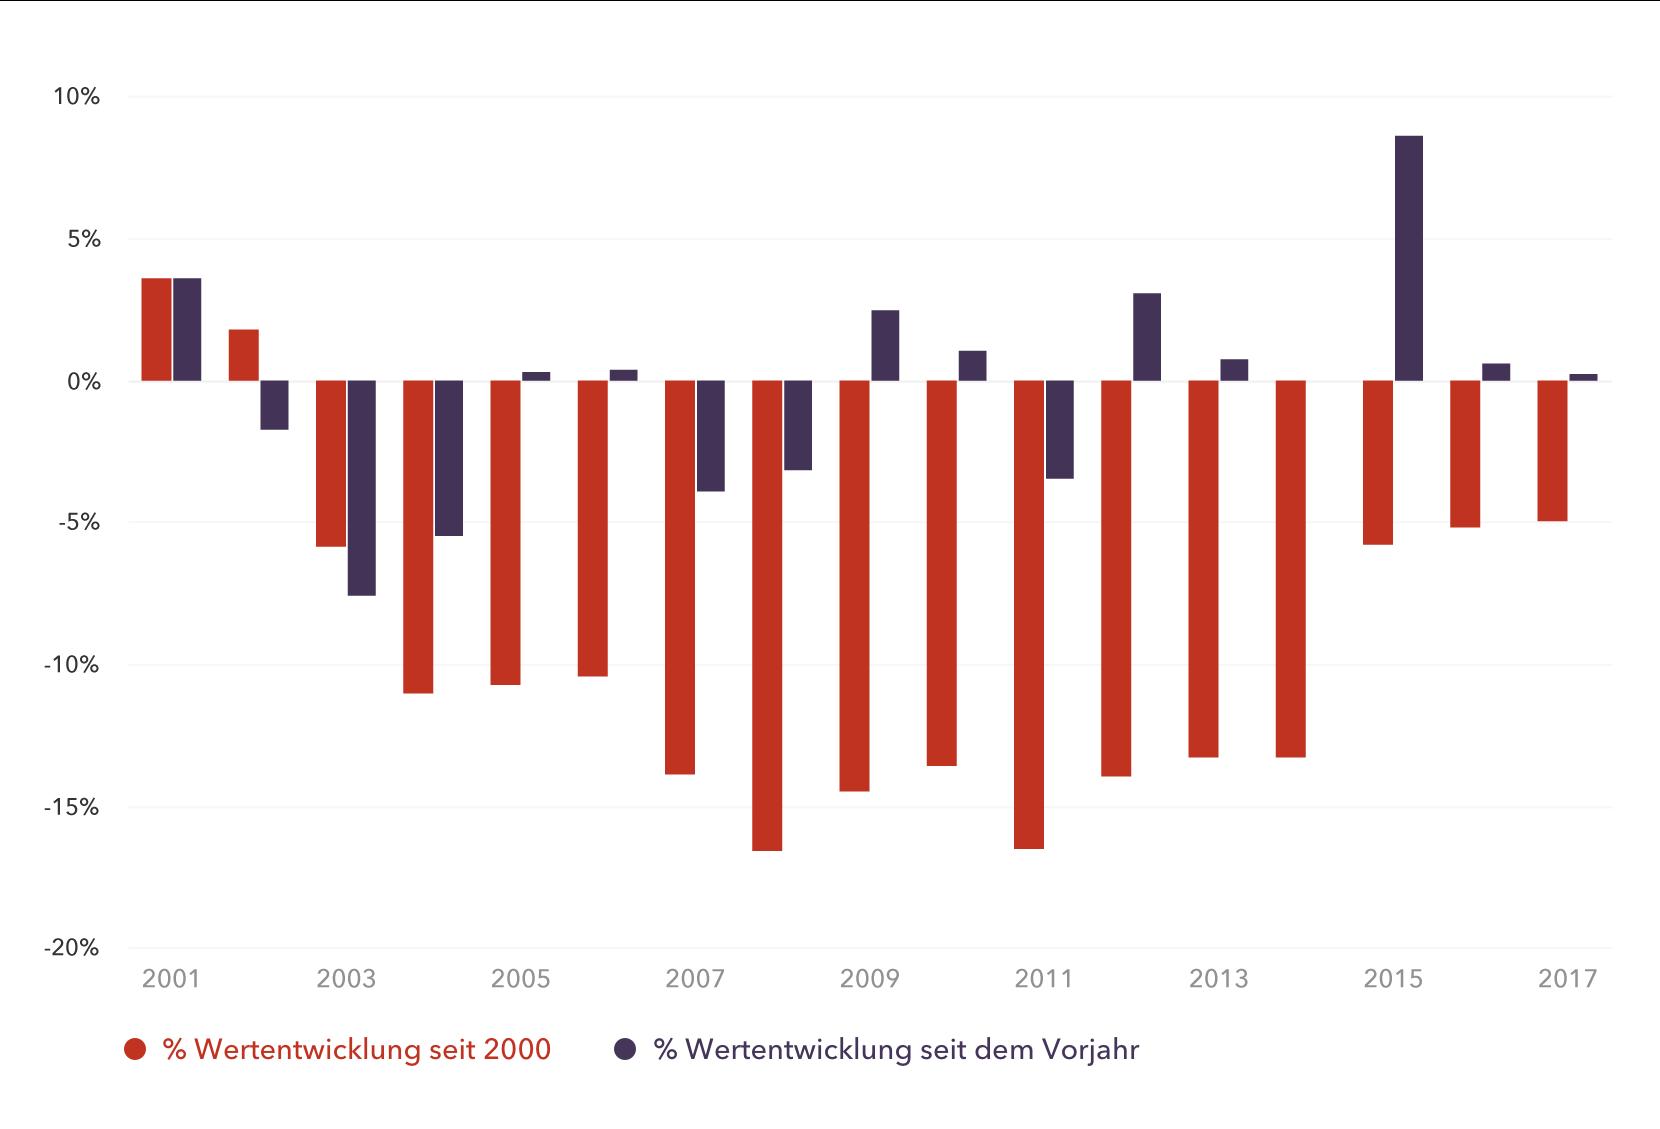 Wertentwicklung seit 2000, US-Dollar (USD)